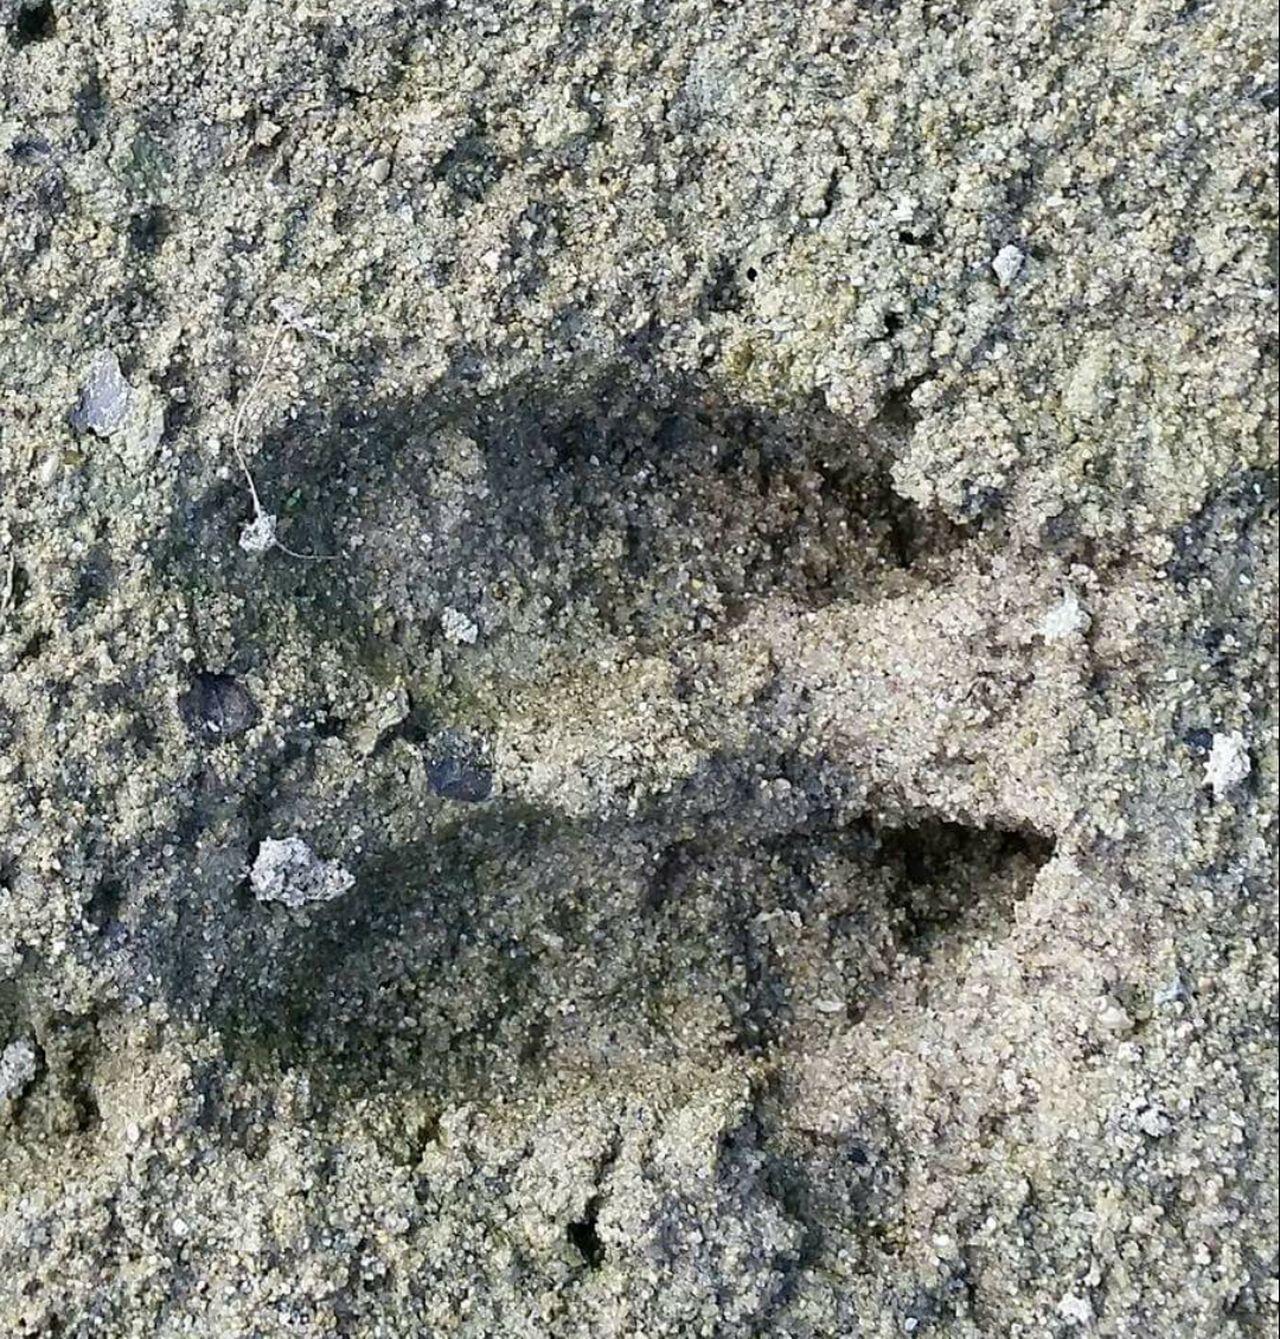 Deer Deer Tracks Tracks Ohio, USA